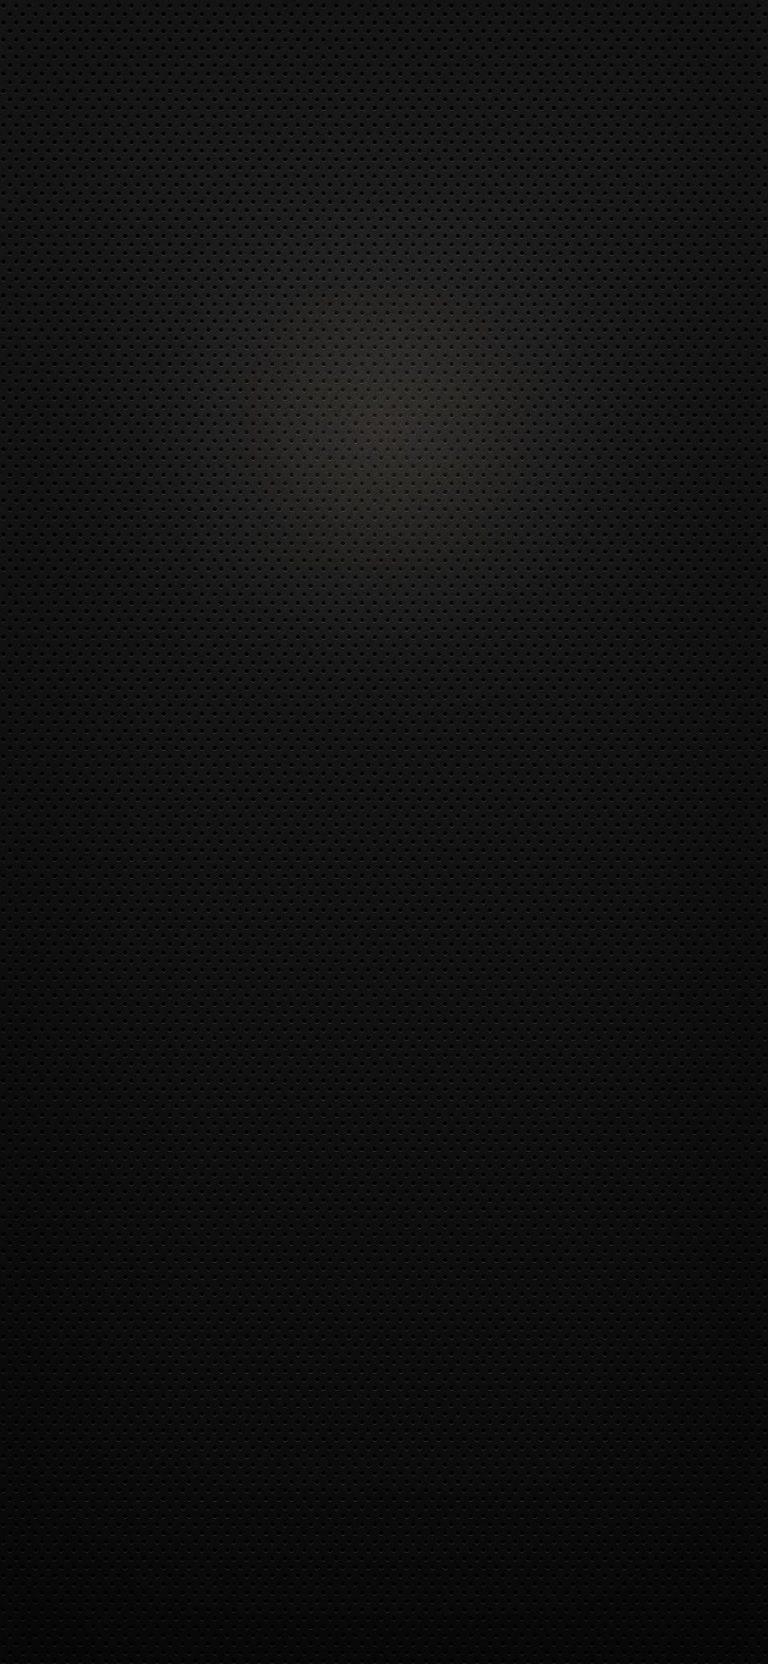 Lenovo Z6 Stock Wallpaper 03 1080x2340 768x1664